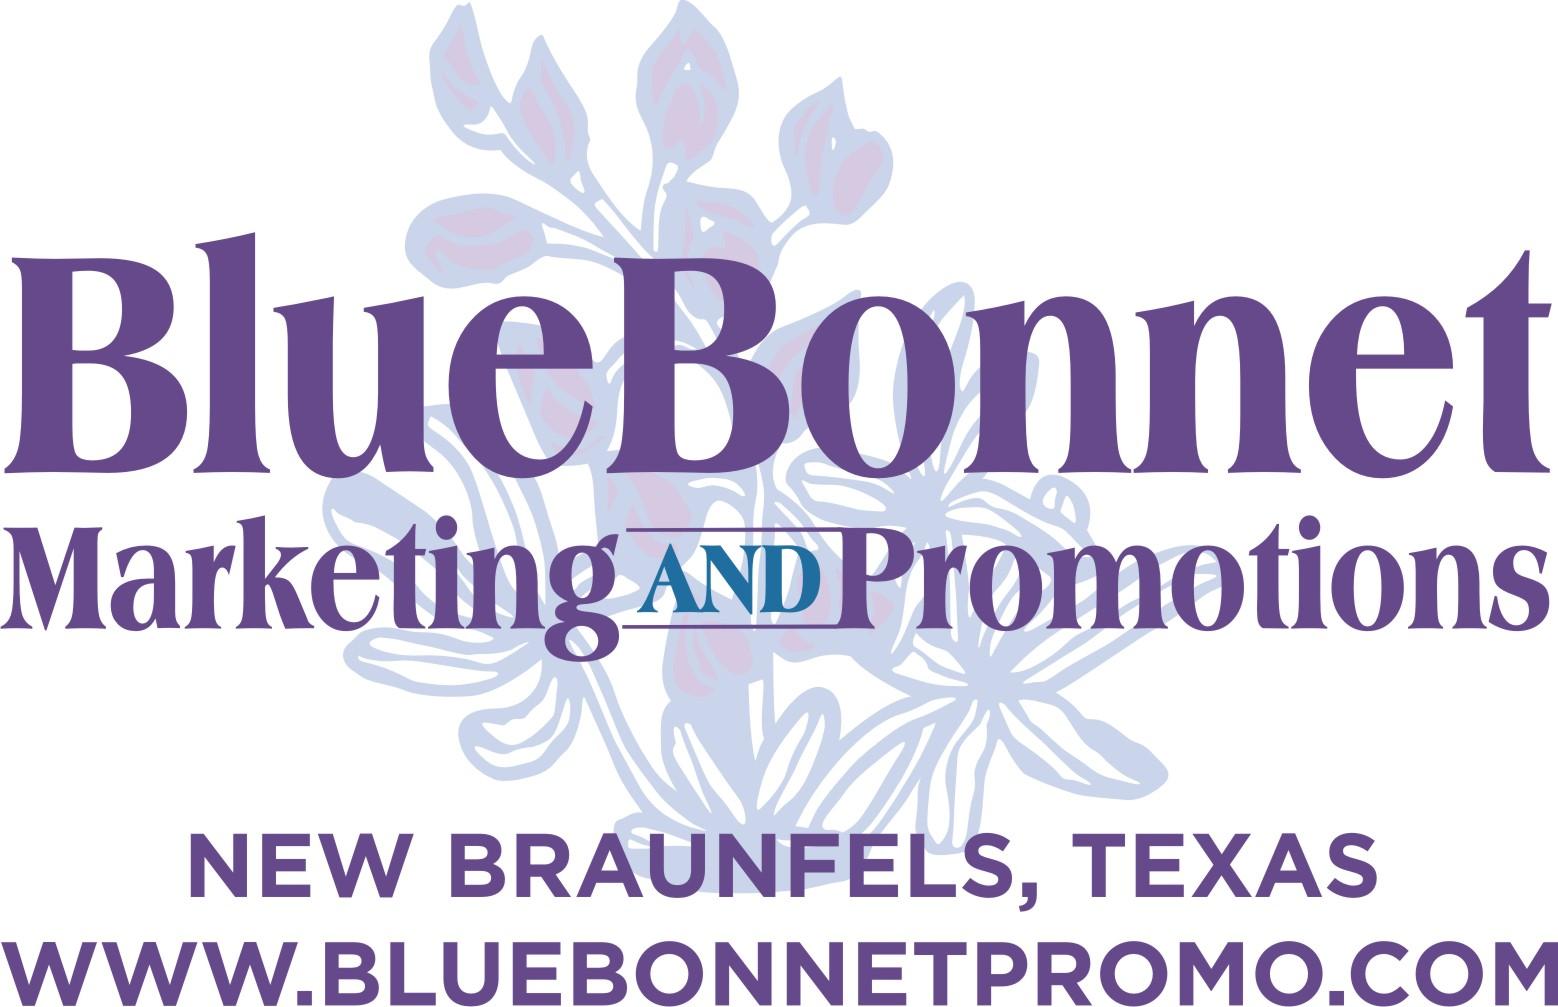 2612_bluebonnet marketing.jpg